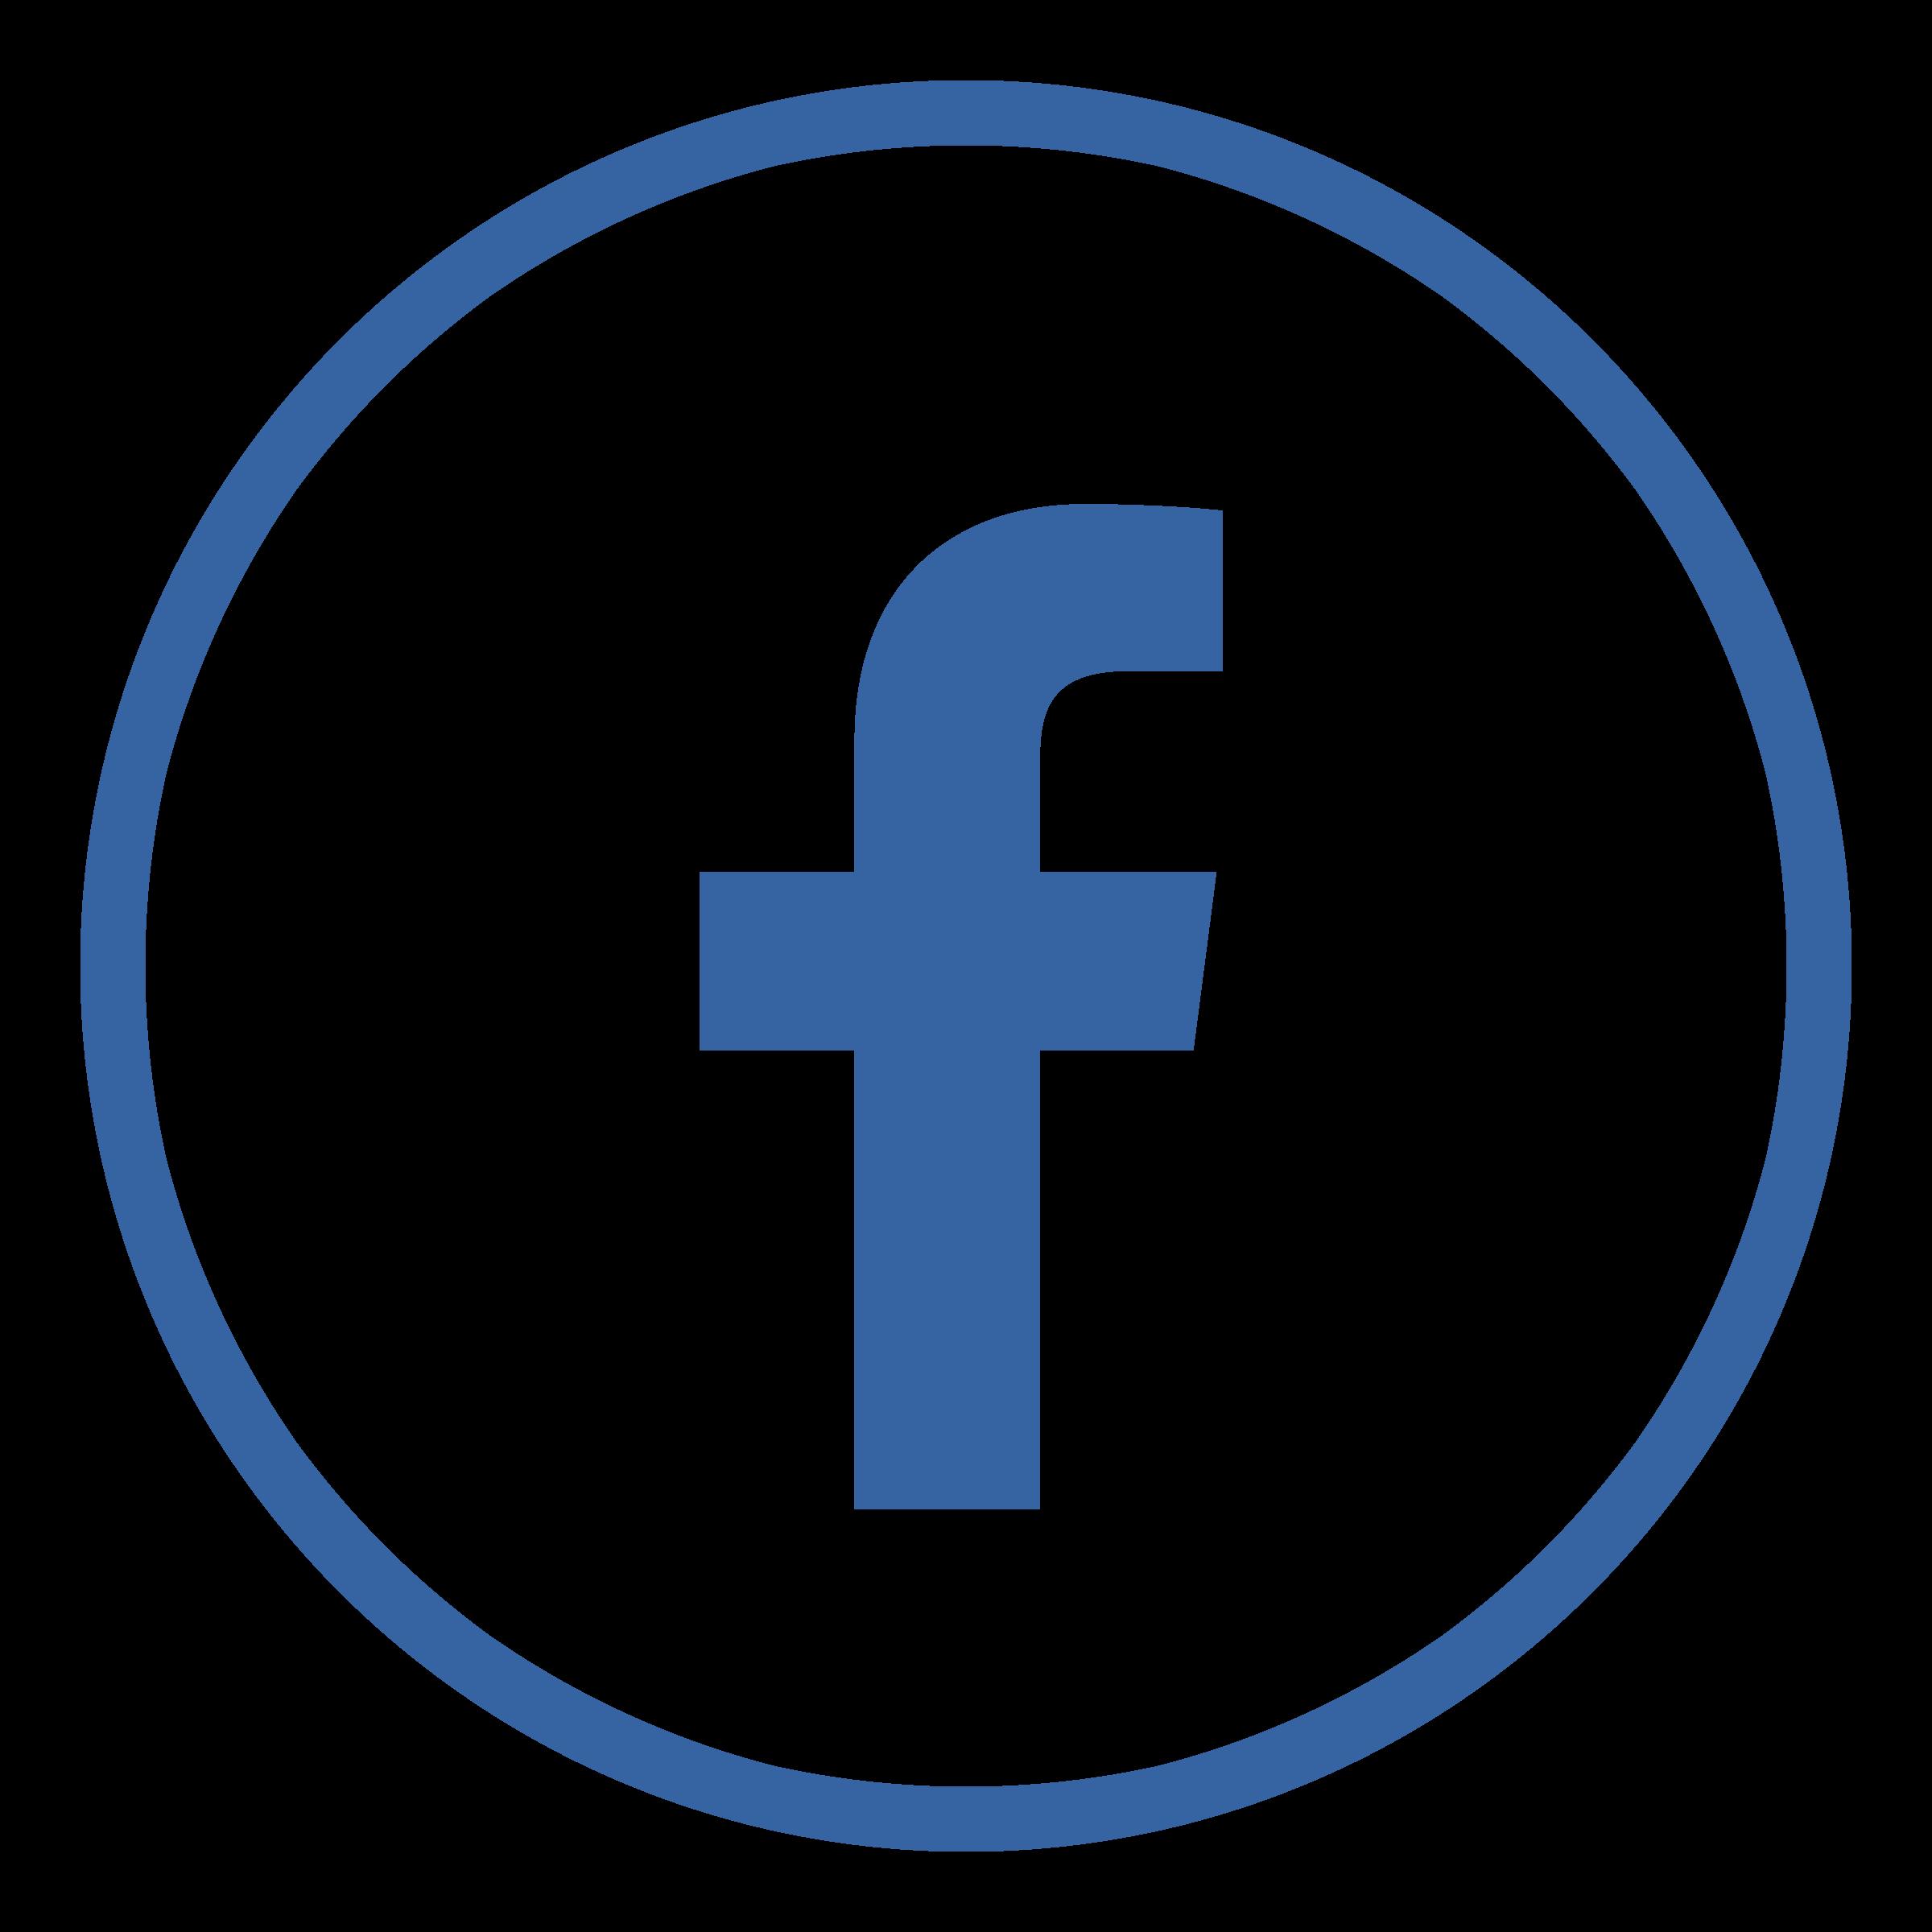 Cliquer ici pour accéder à notre page facebook